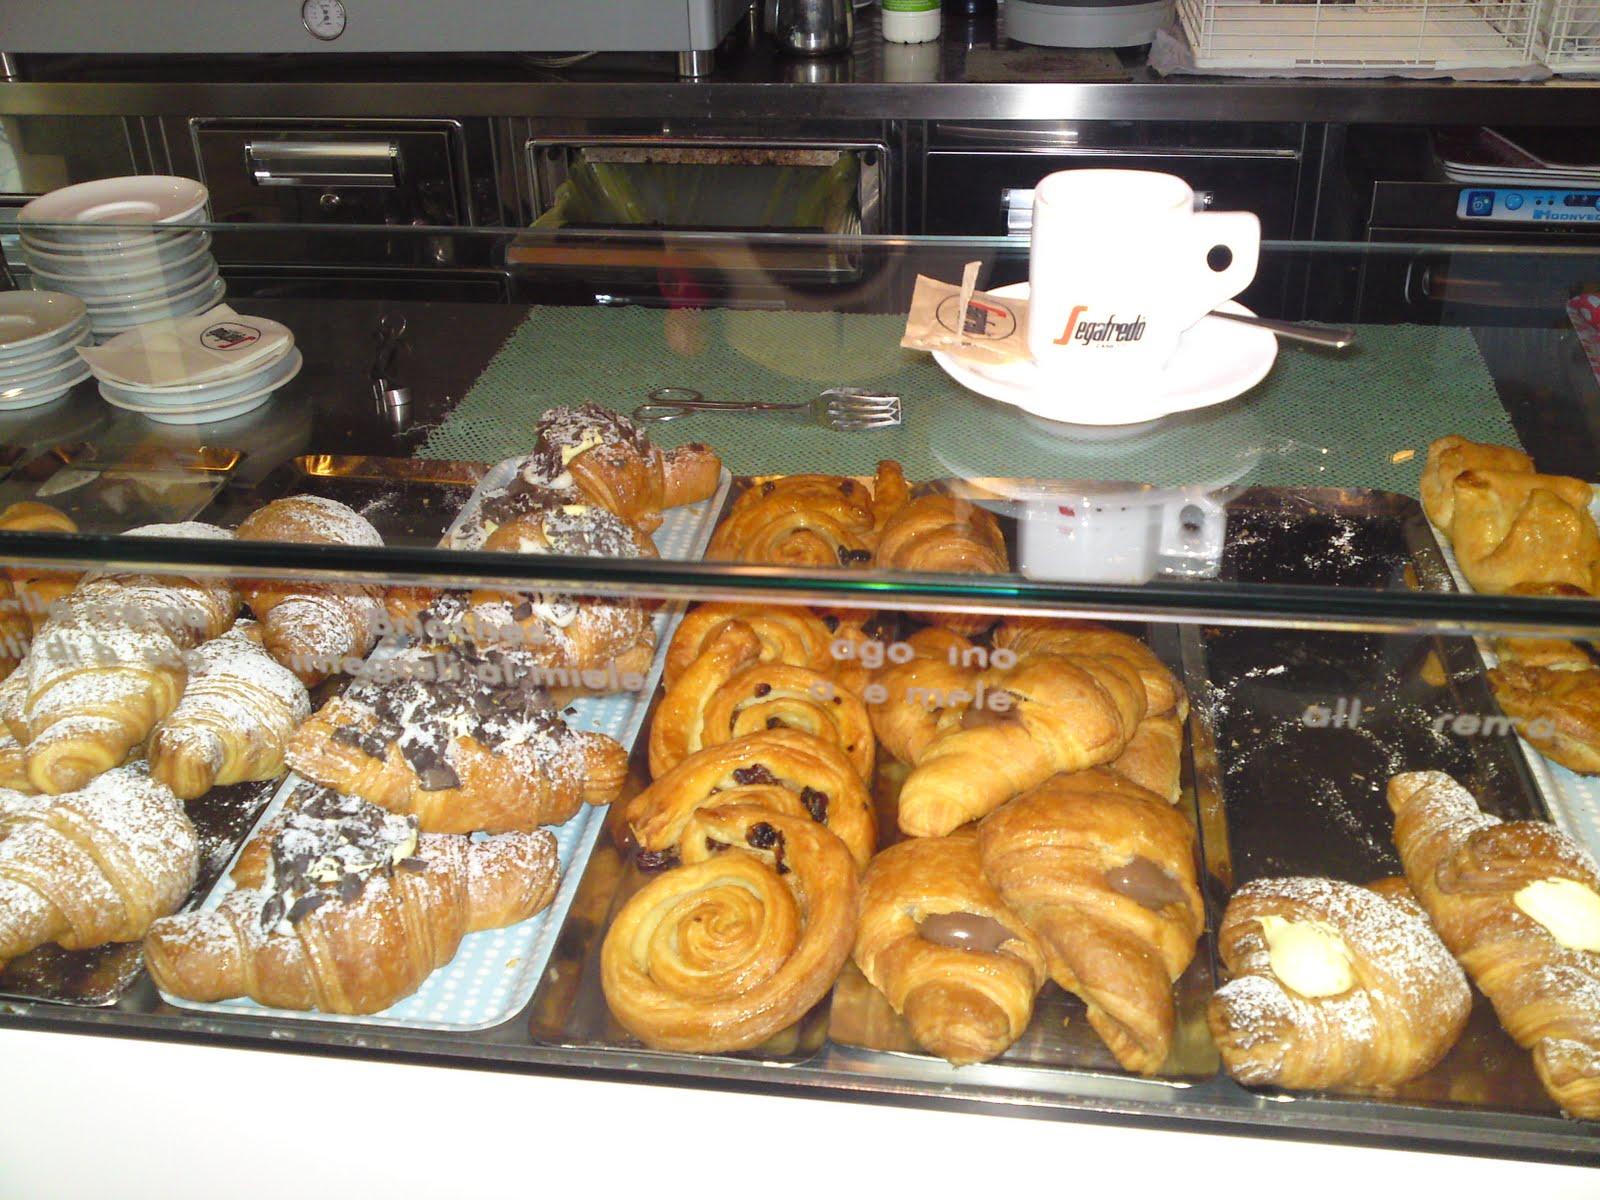 Istat agli italiani 79 7 piace la colazione abbondante anche al bar comunicaff - Bar idee ...